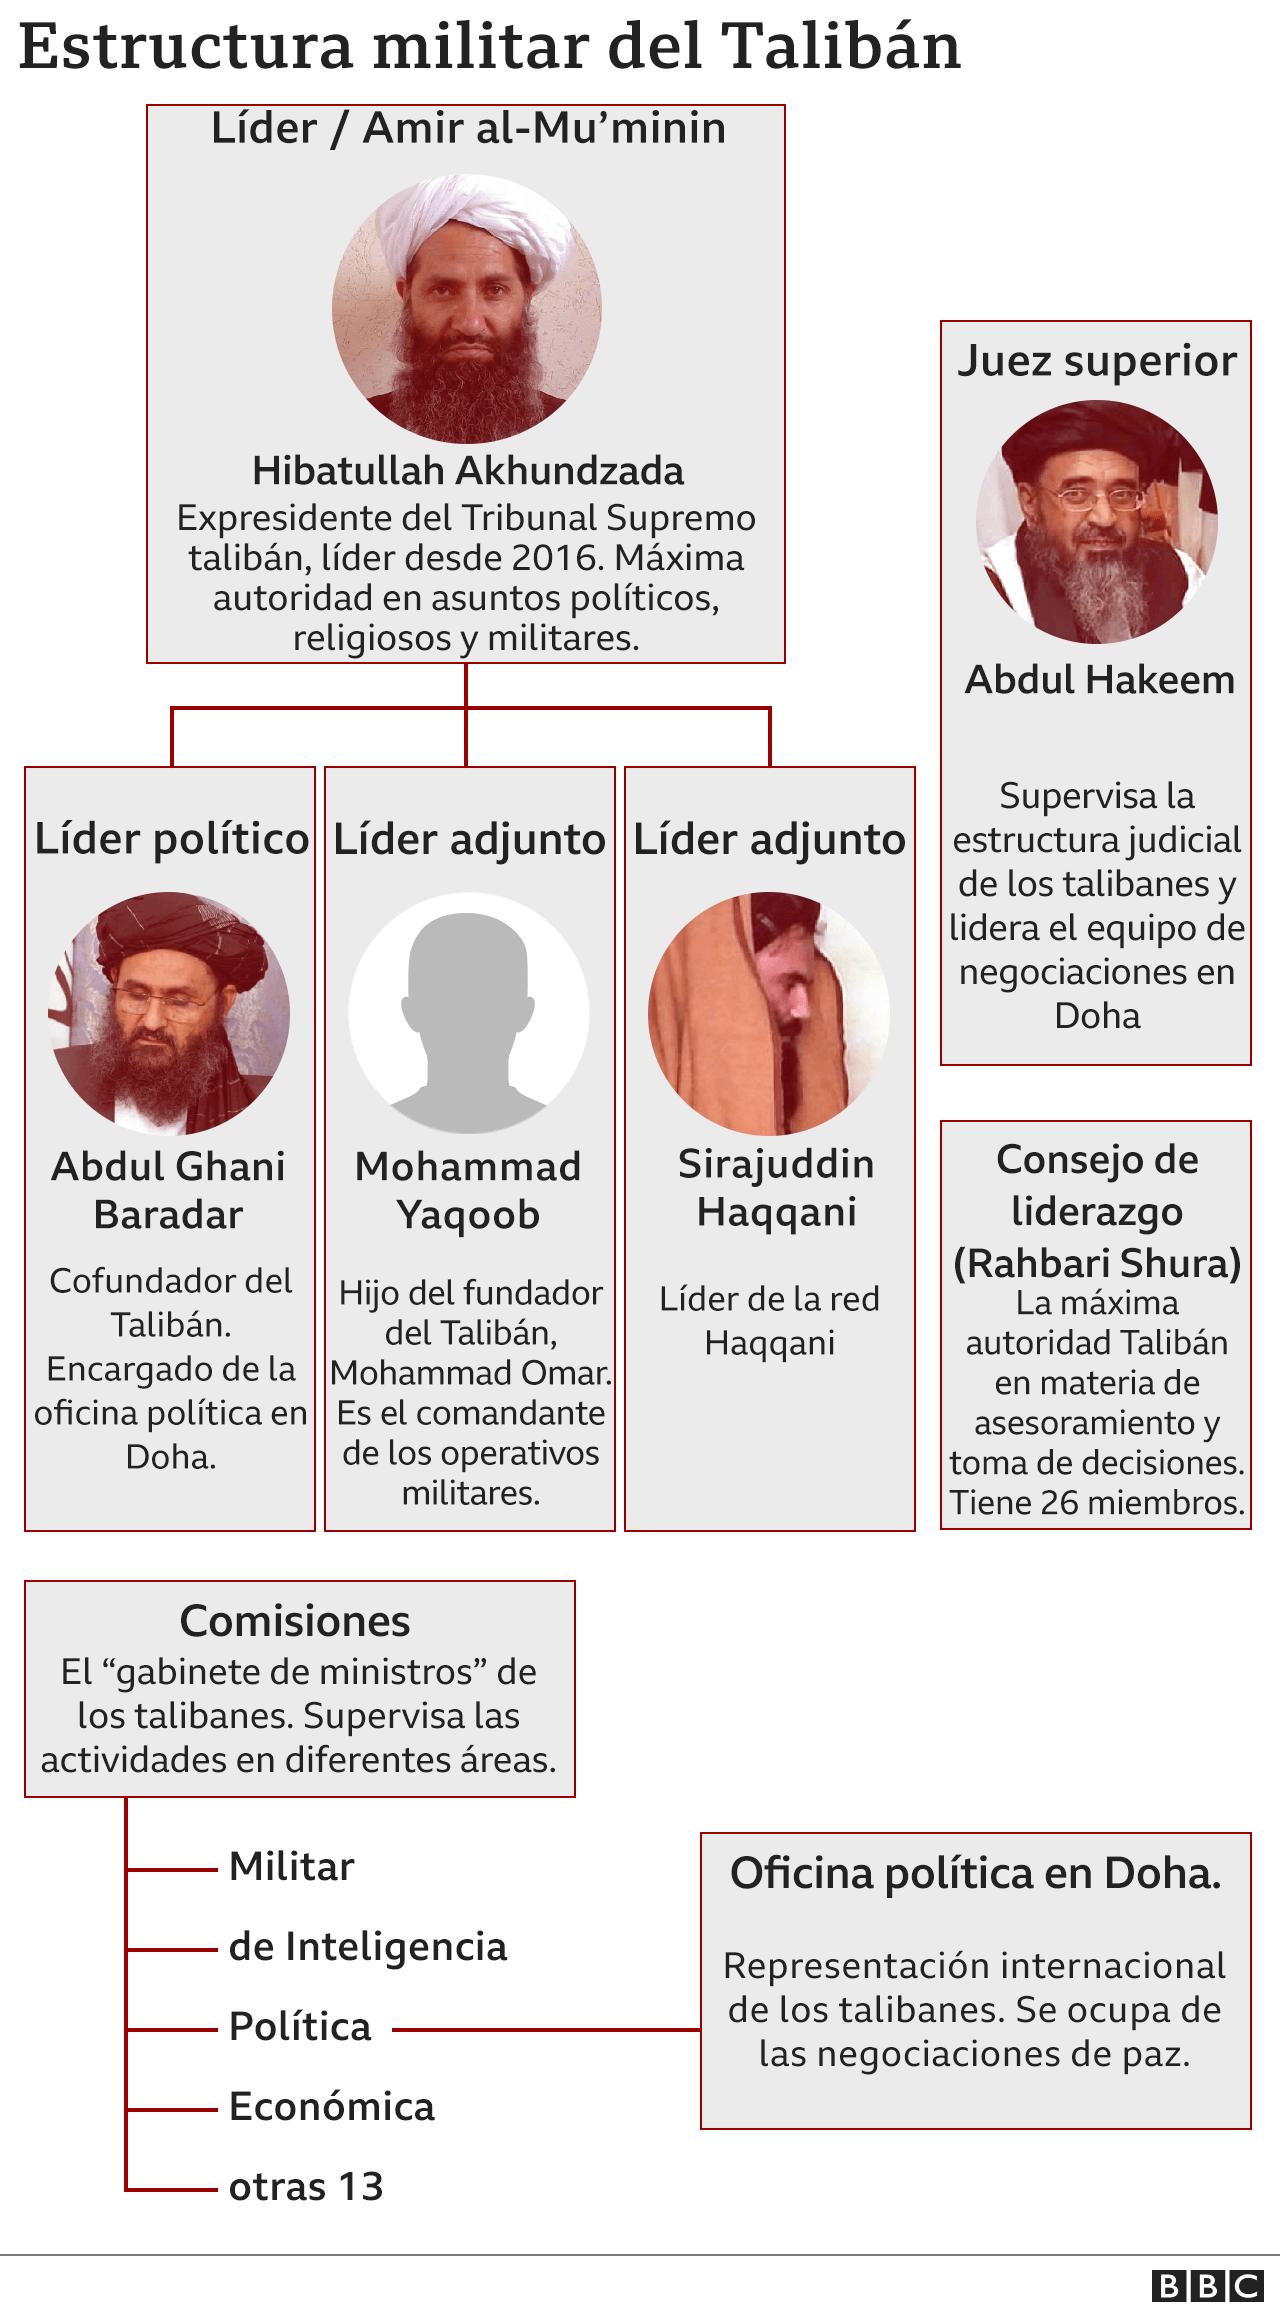 Jefes del Talibán.